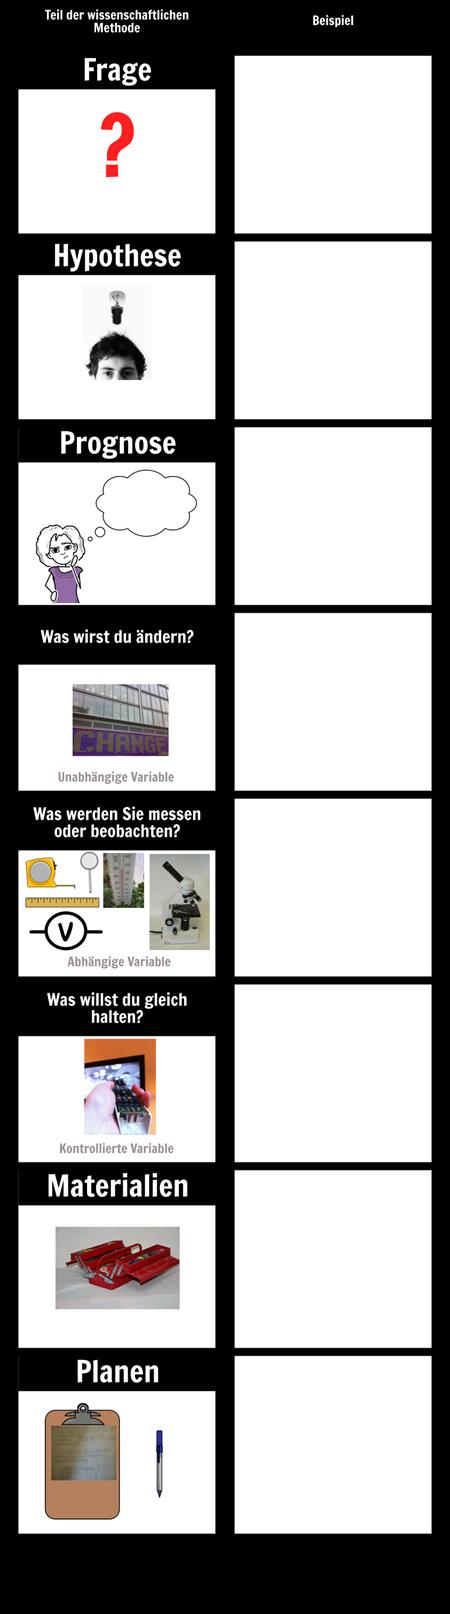 Experimentelle Entwurfsschritte | Wissenschaftliche Methodenschritte ...